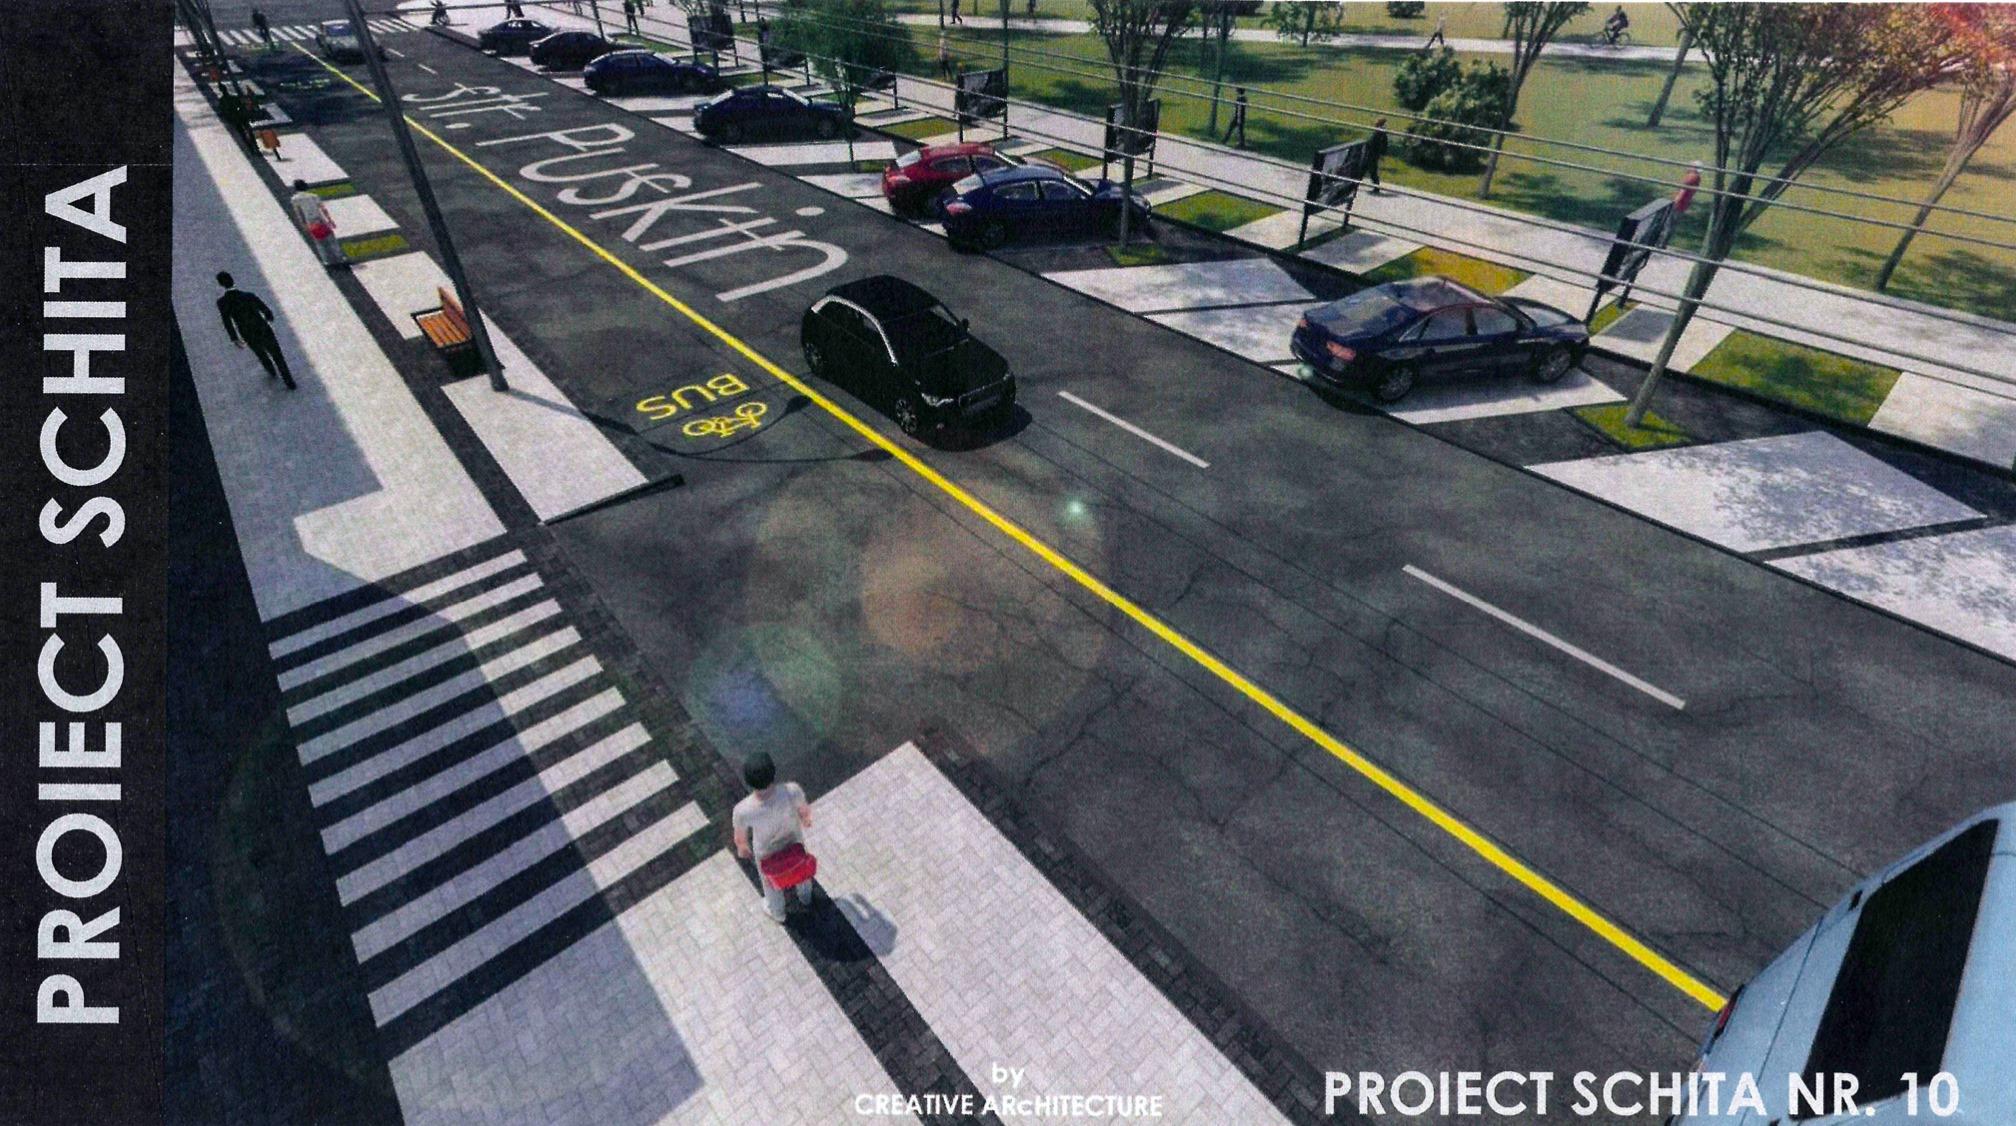 Schiță proiect reabilitare trotuare str. Pușkin. Sursă: autoblog.md